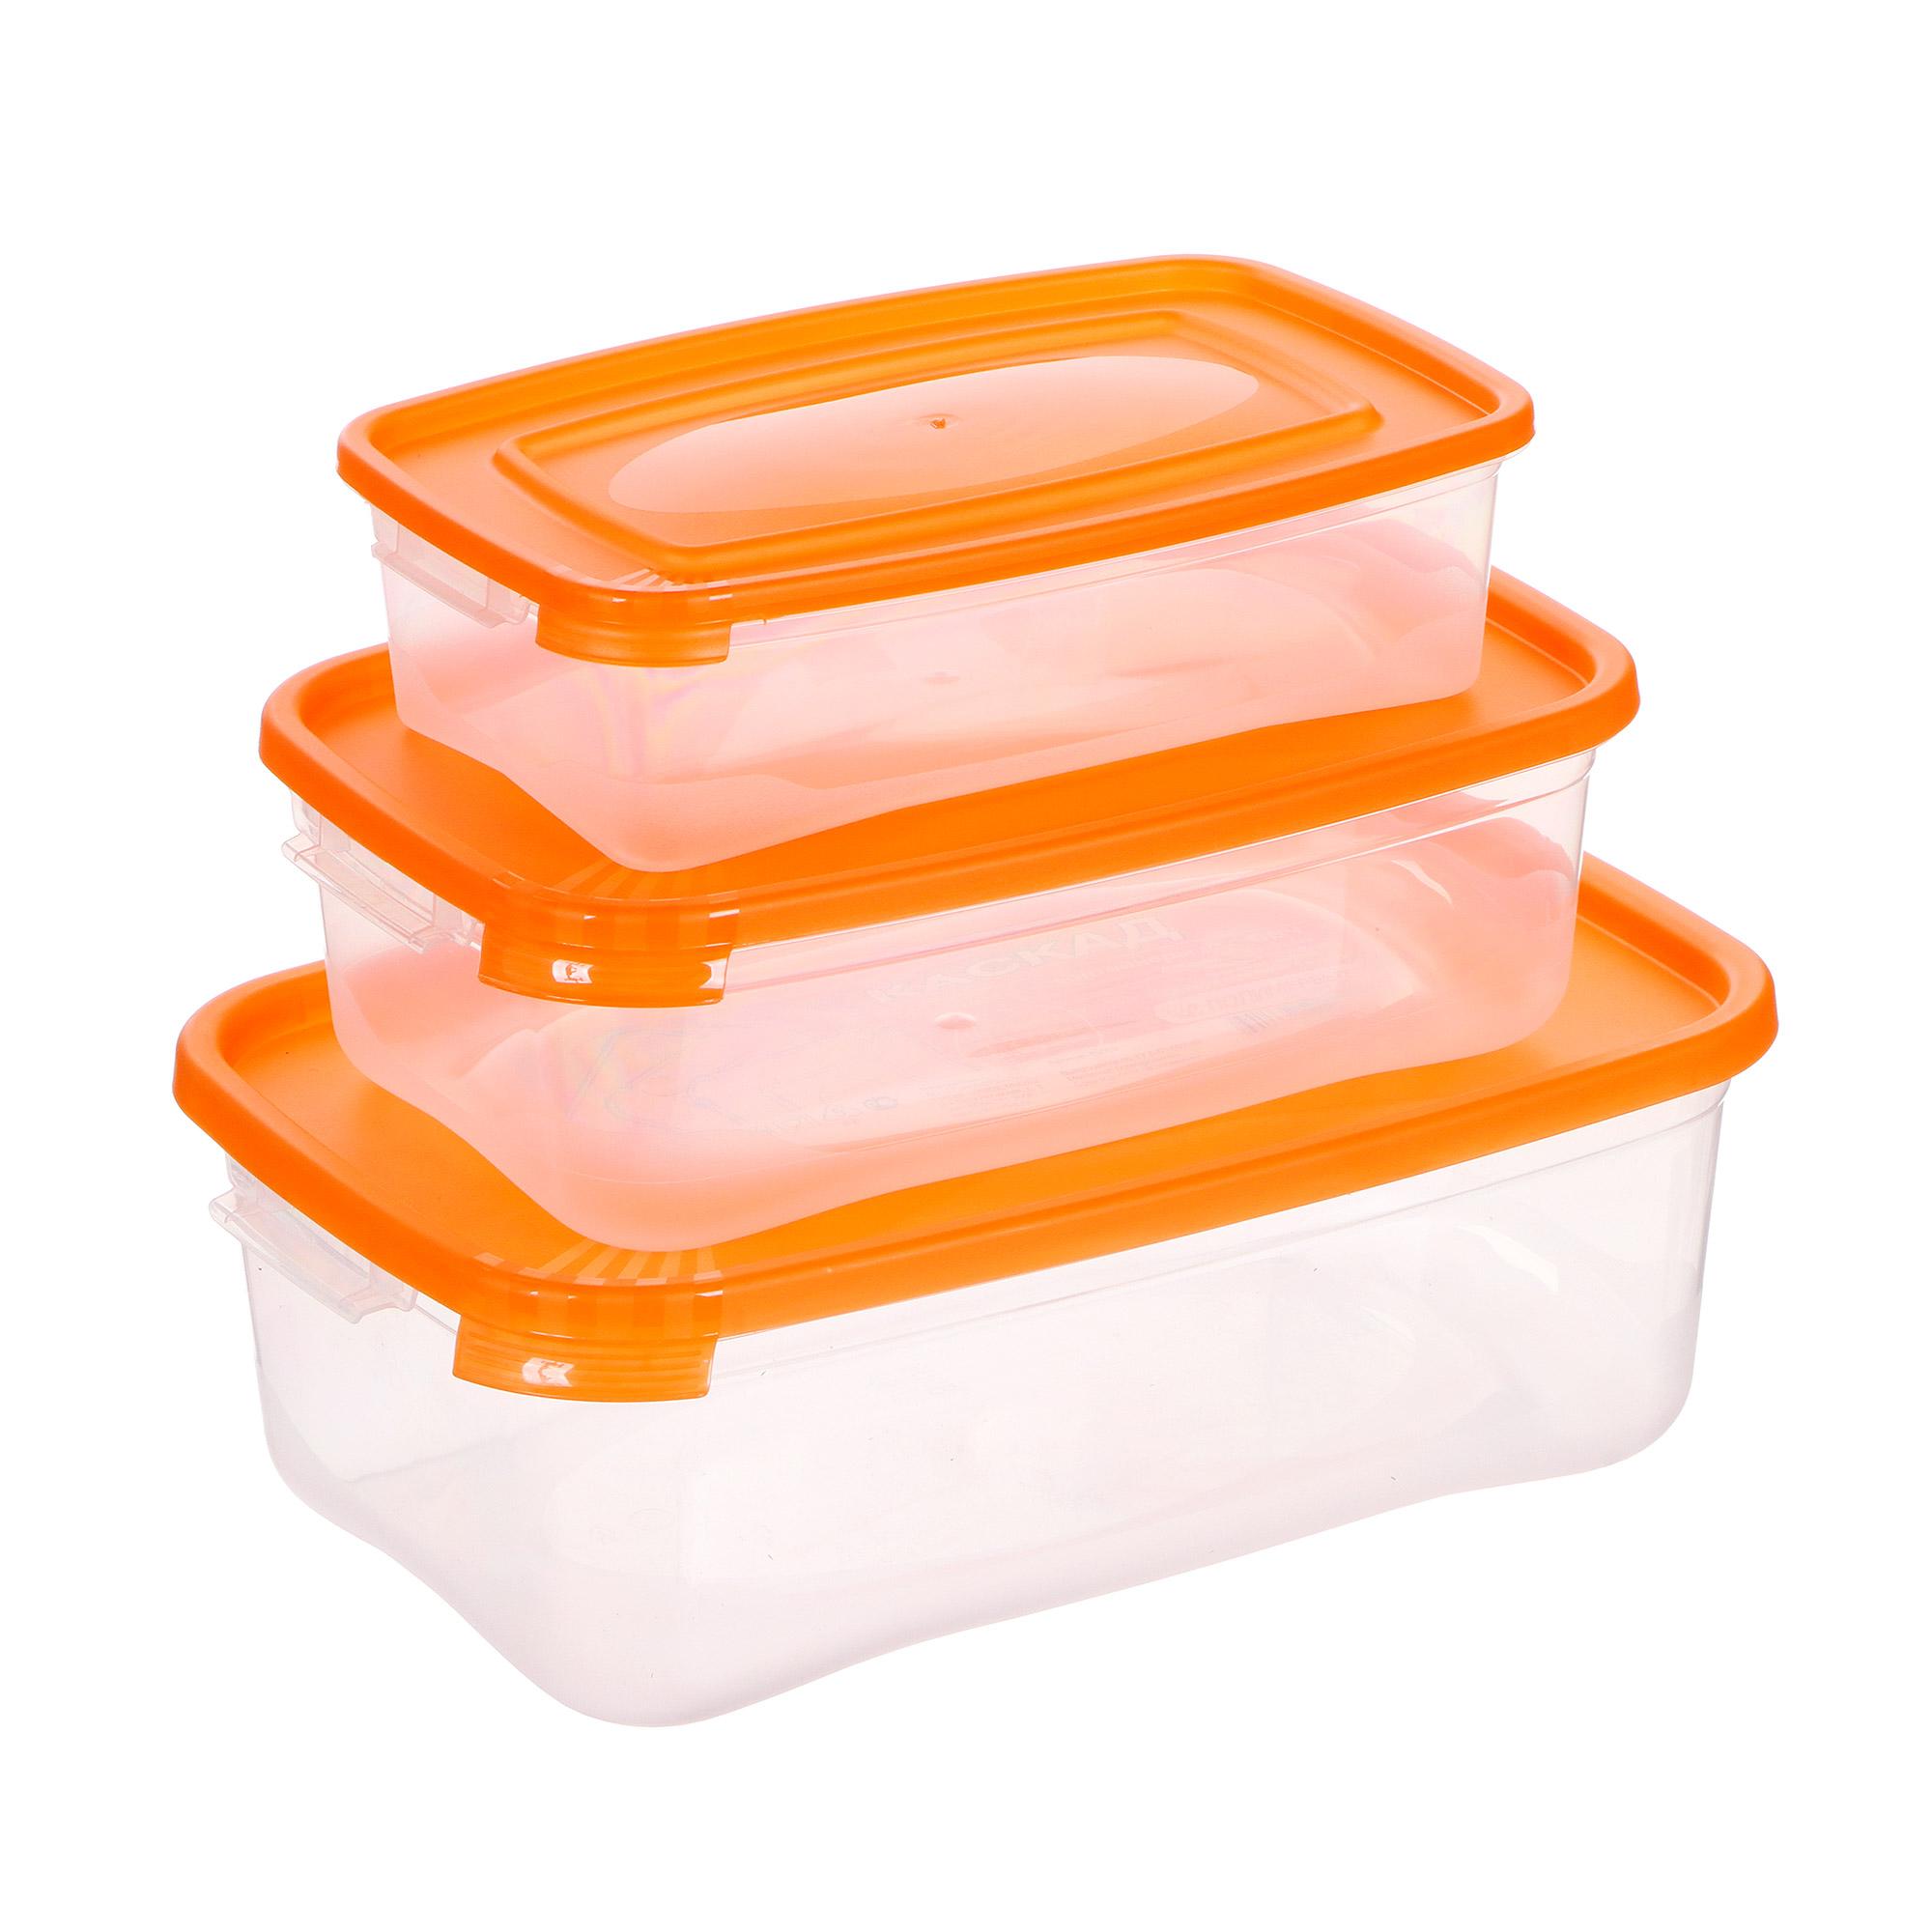 Фото - Комплект контейнеров для СВЧ Полимербыт Каскад 0,7 л + 1,2 л + 2,2 л пароварка полимербыт для свч 2 5 л